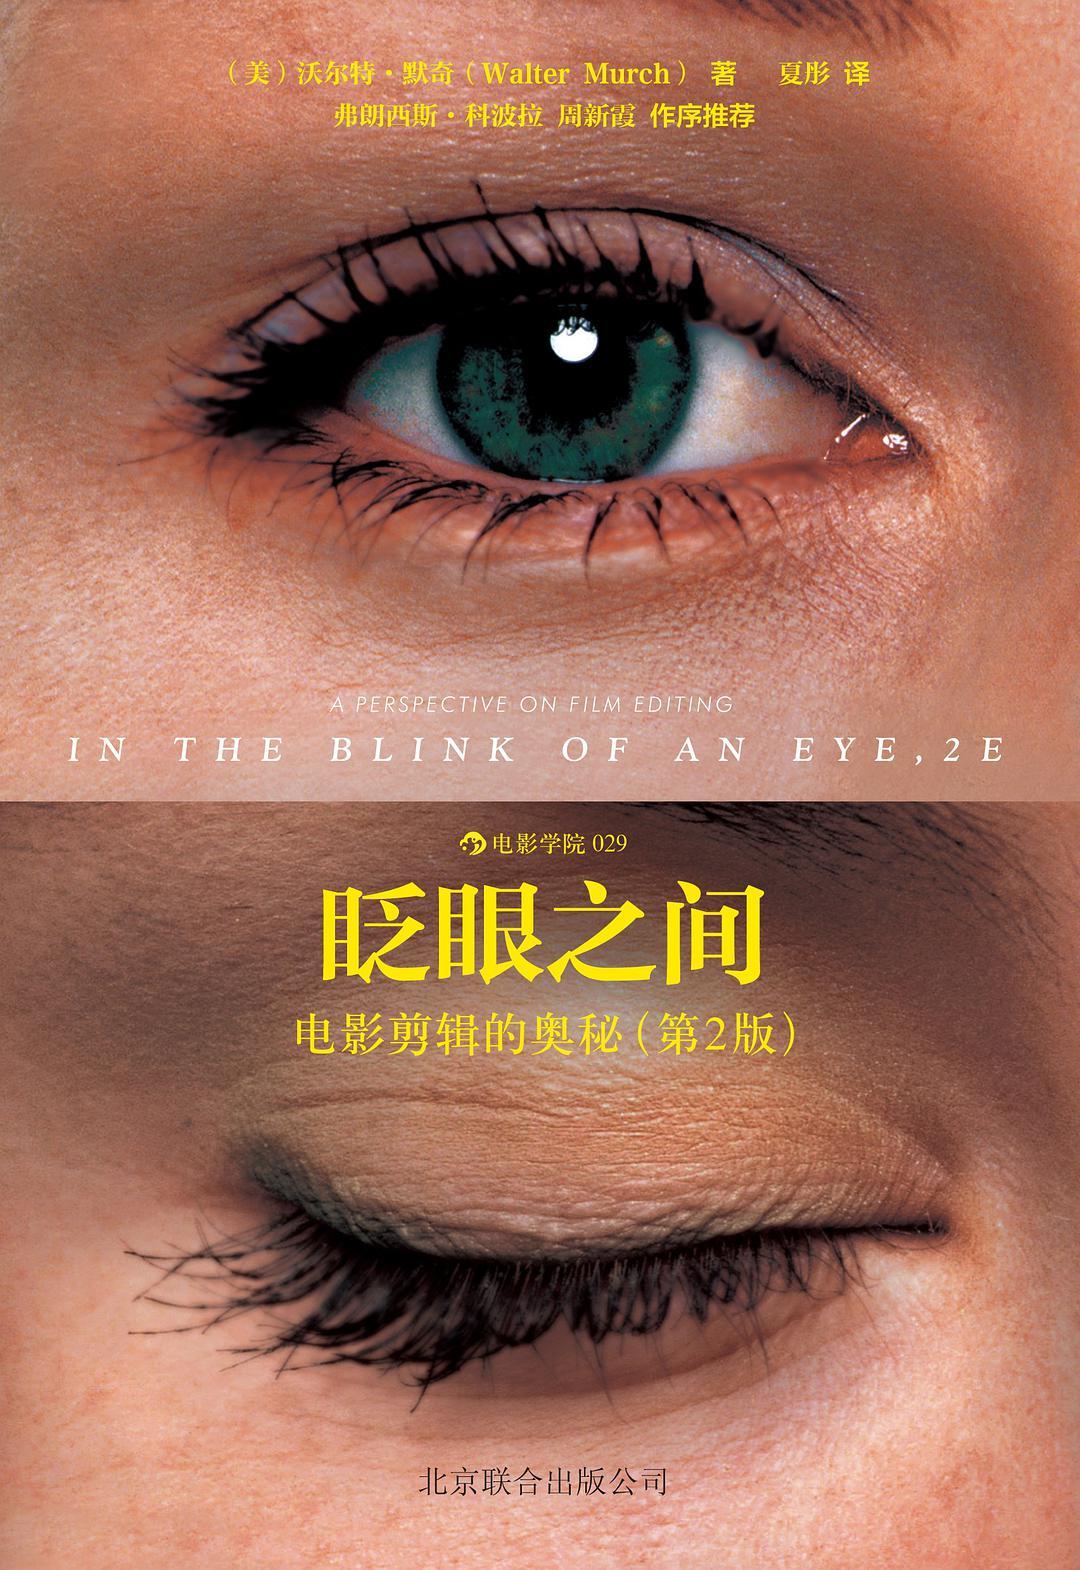 眨眼之间-电影剪辑的奥秘